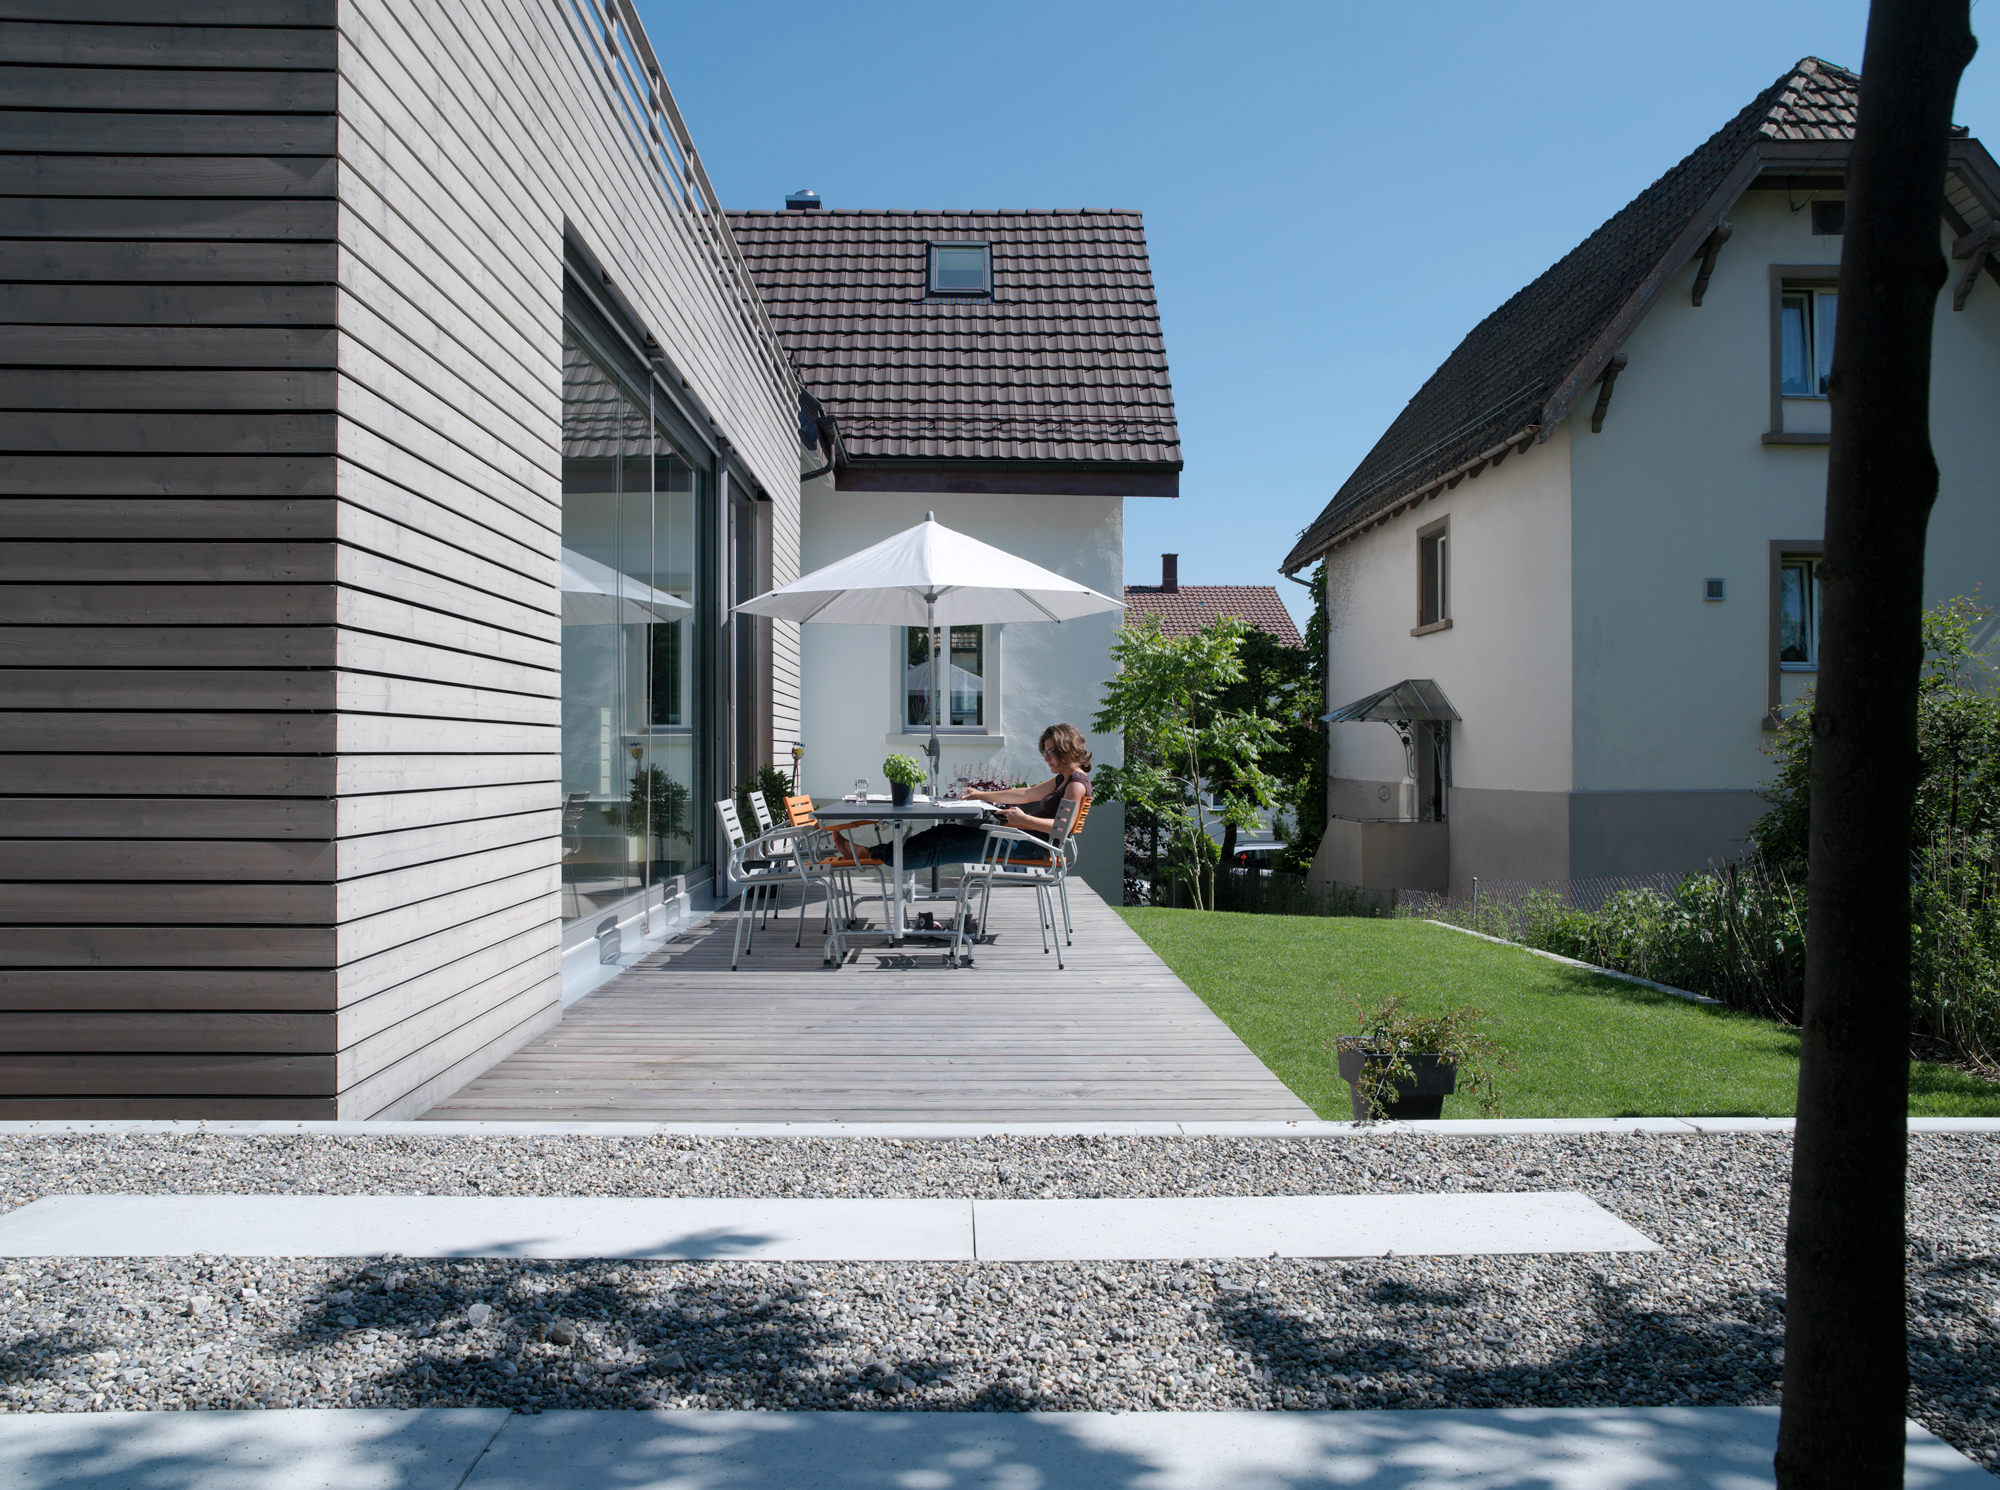 Ampliare casa le distanze per aumentare lo spazio abitabile - Quanto costa un architetto per ristrutturare casa ...